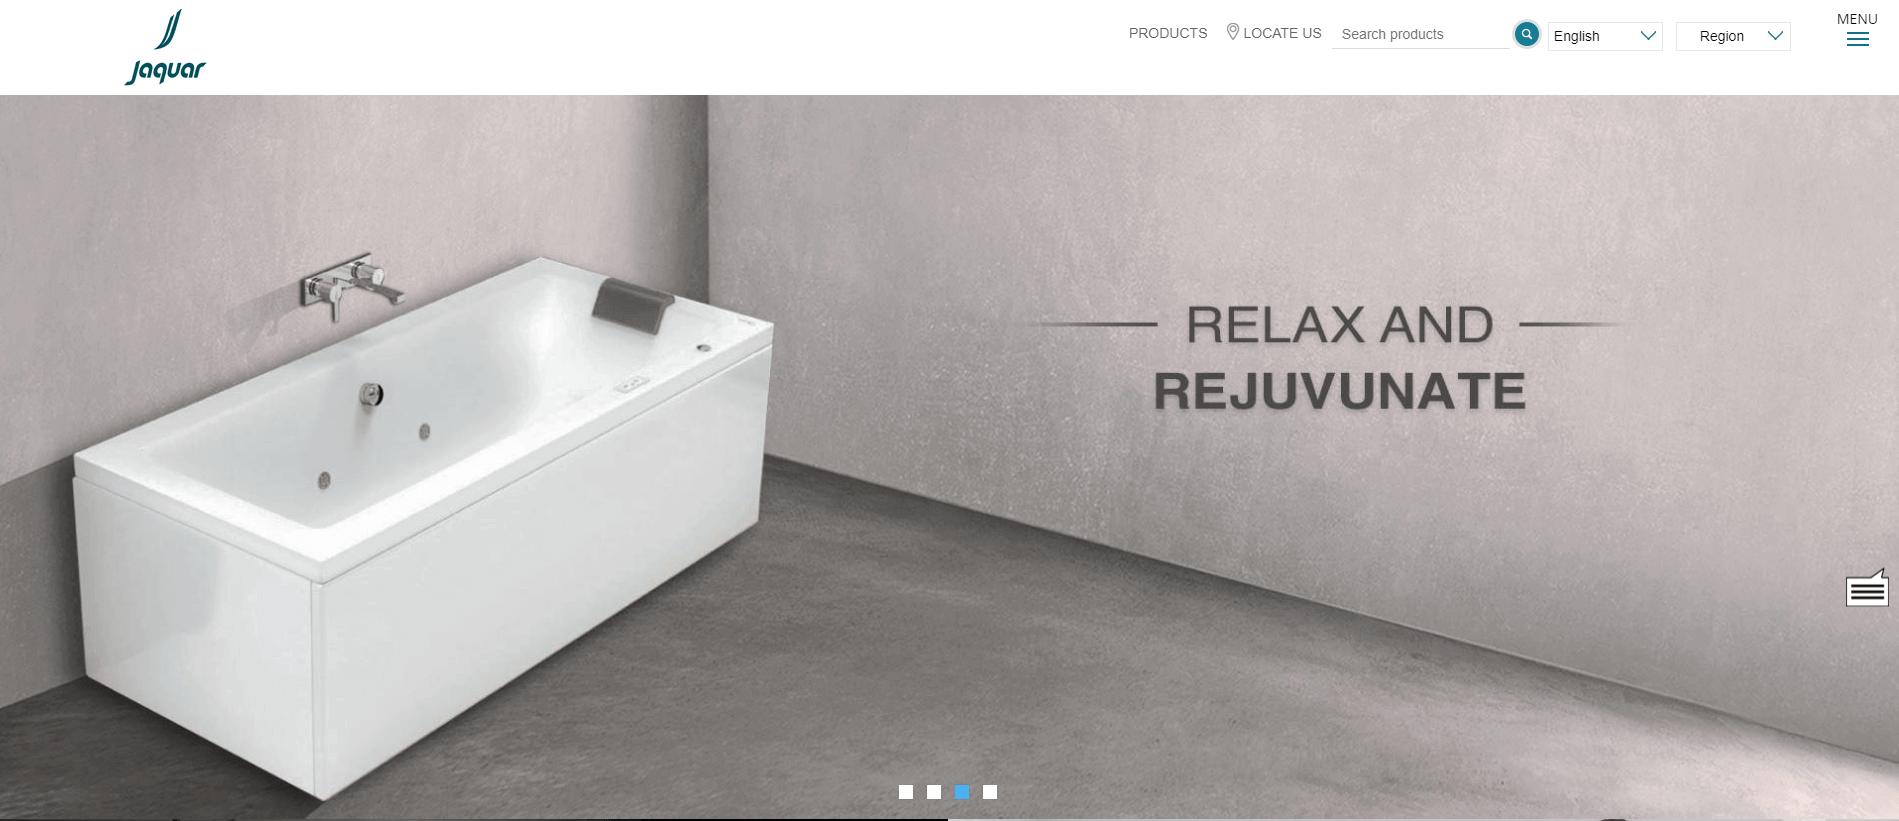 Jaquar Bathtub Manufacturer